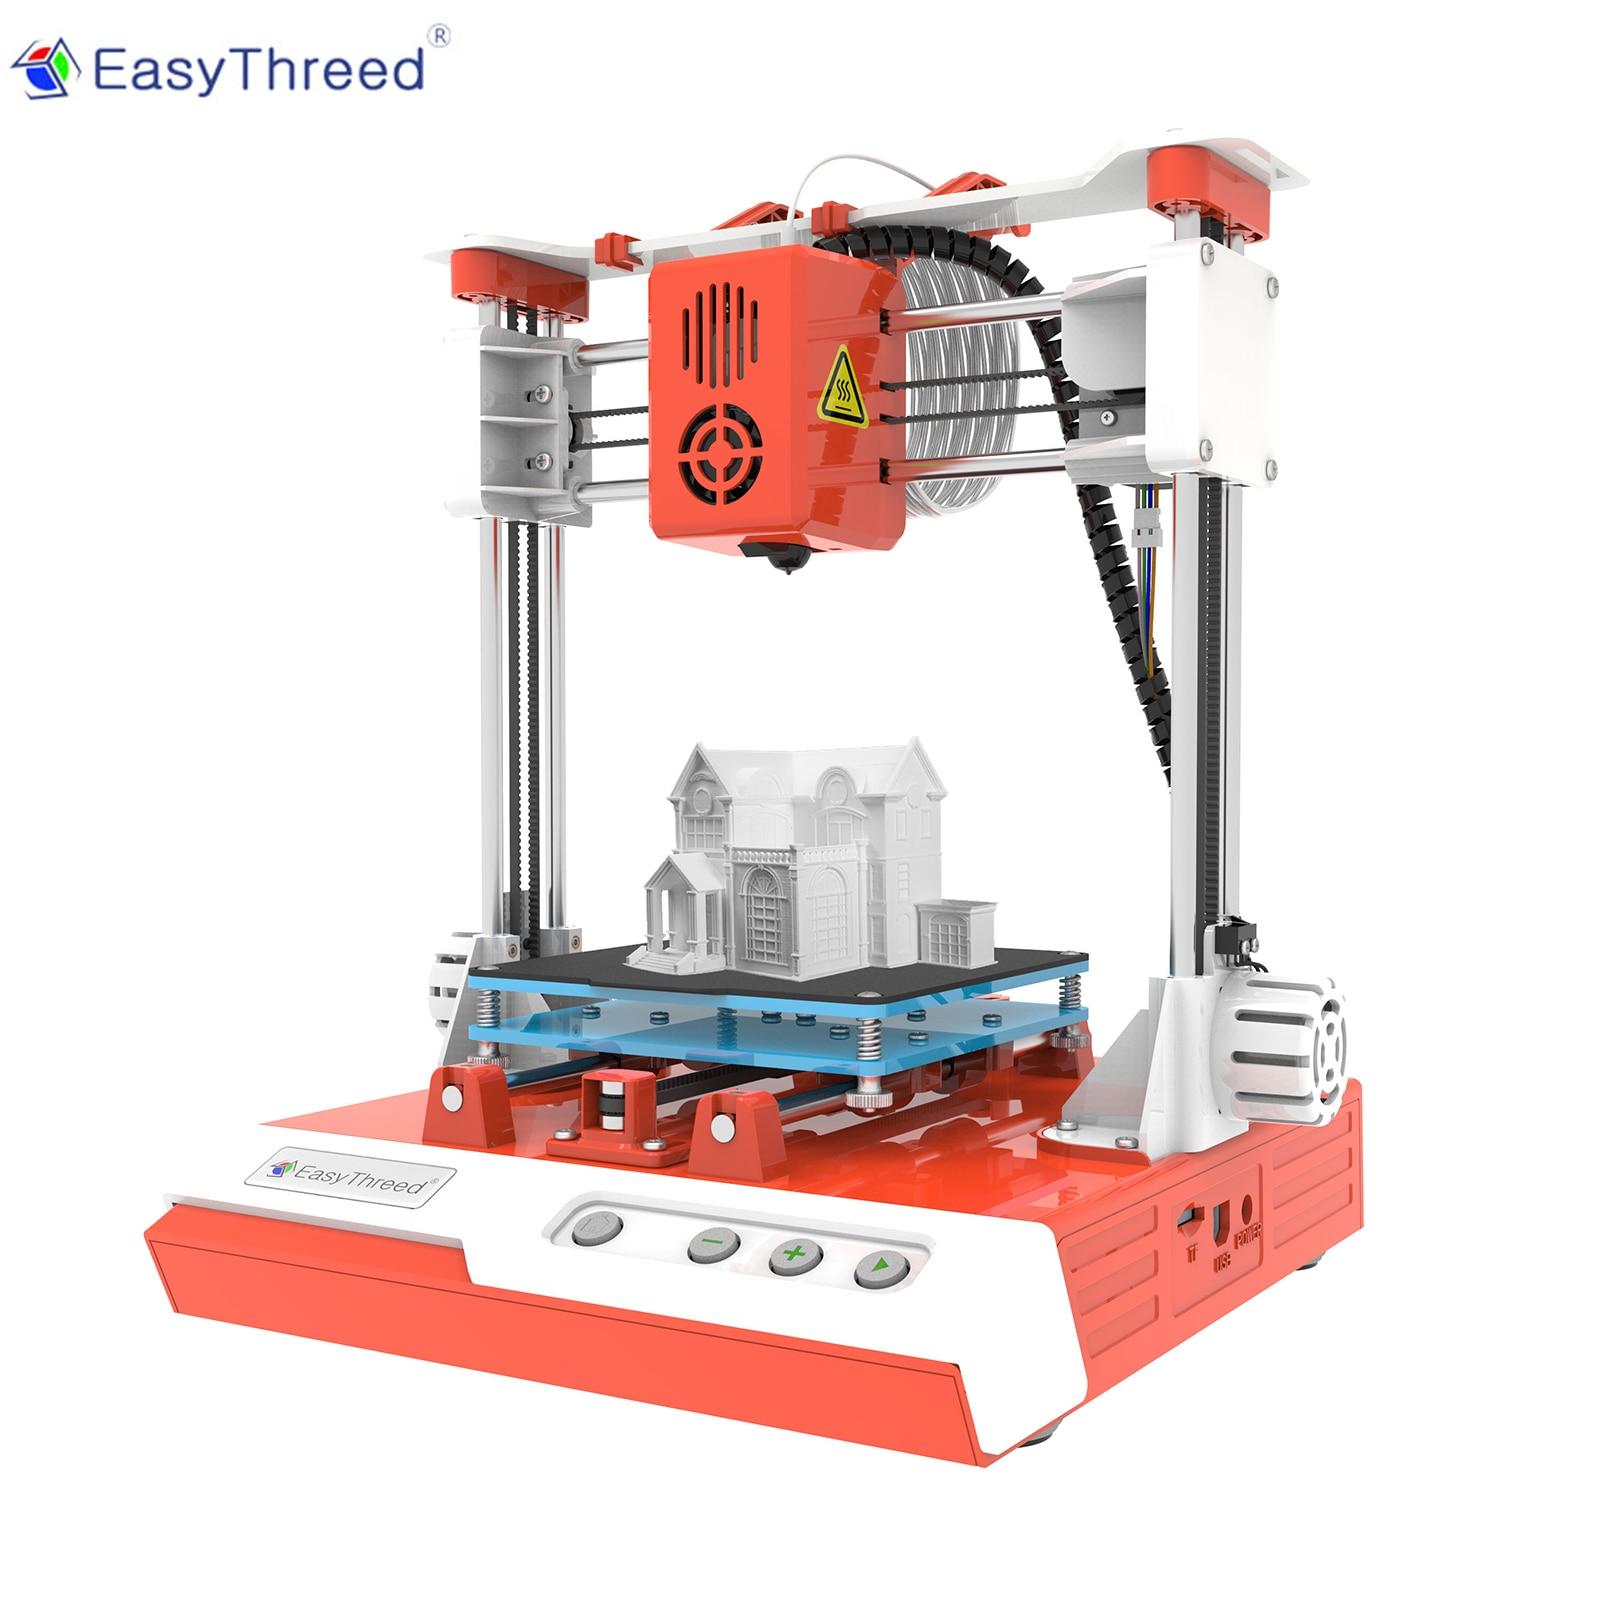 EasyThreed-طابعة صغيرة ثلاثية الأبعاد للأطفال ، دقة عالية ، 100 × 100 × 100 مللي متر ، طباعة صامتة مع بطاقة TF ، خيوط عينة PLA